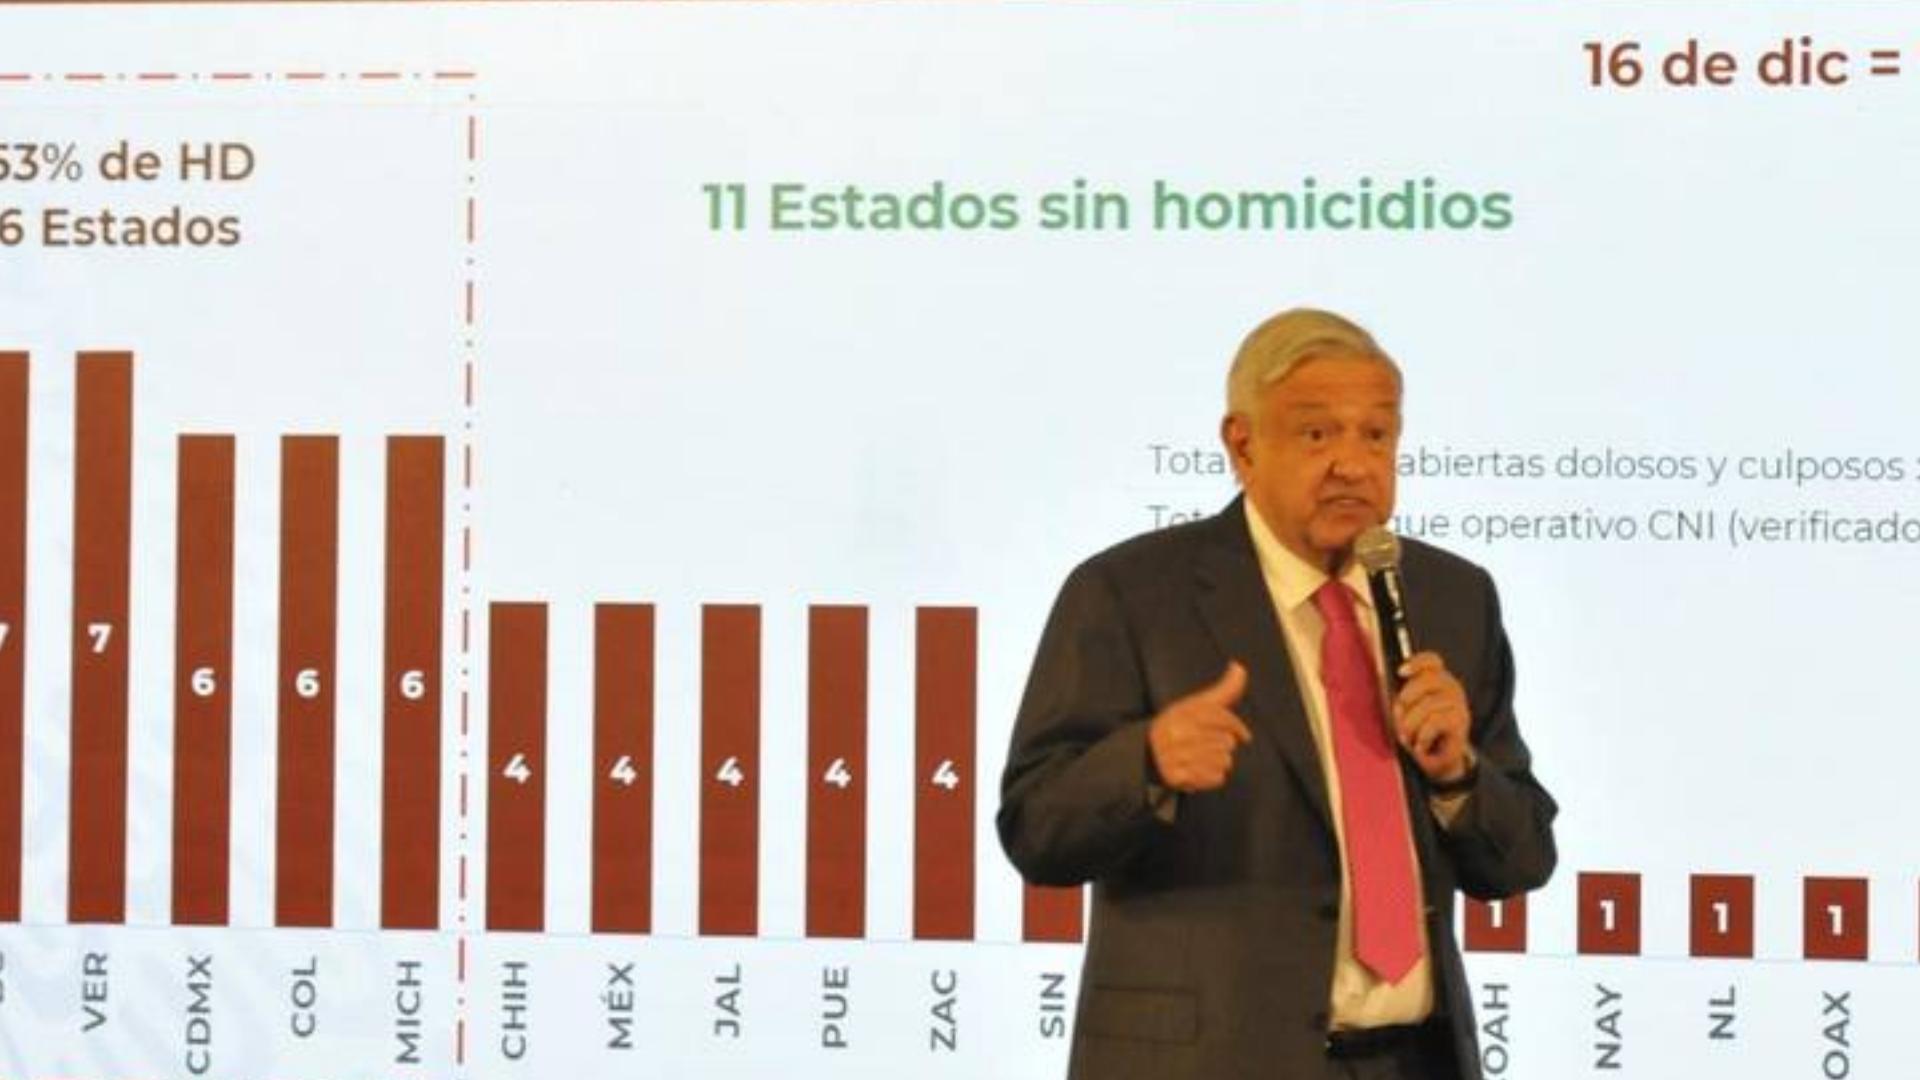 Tendencia en homicidios dolosos en 2019 fue de 0.1%: Durazo